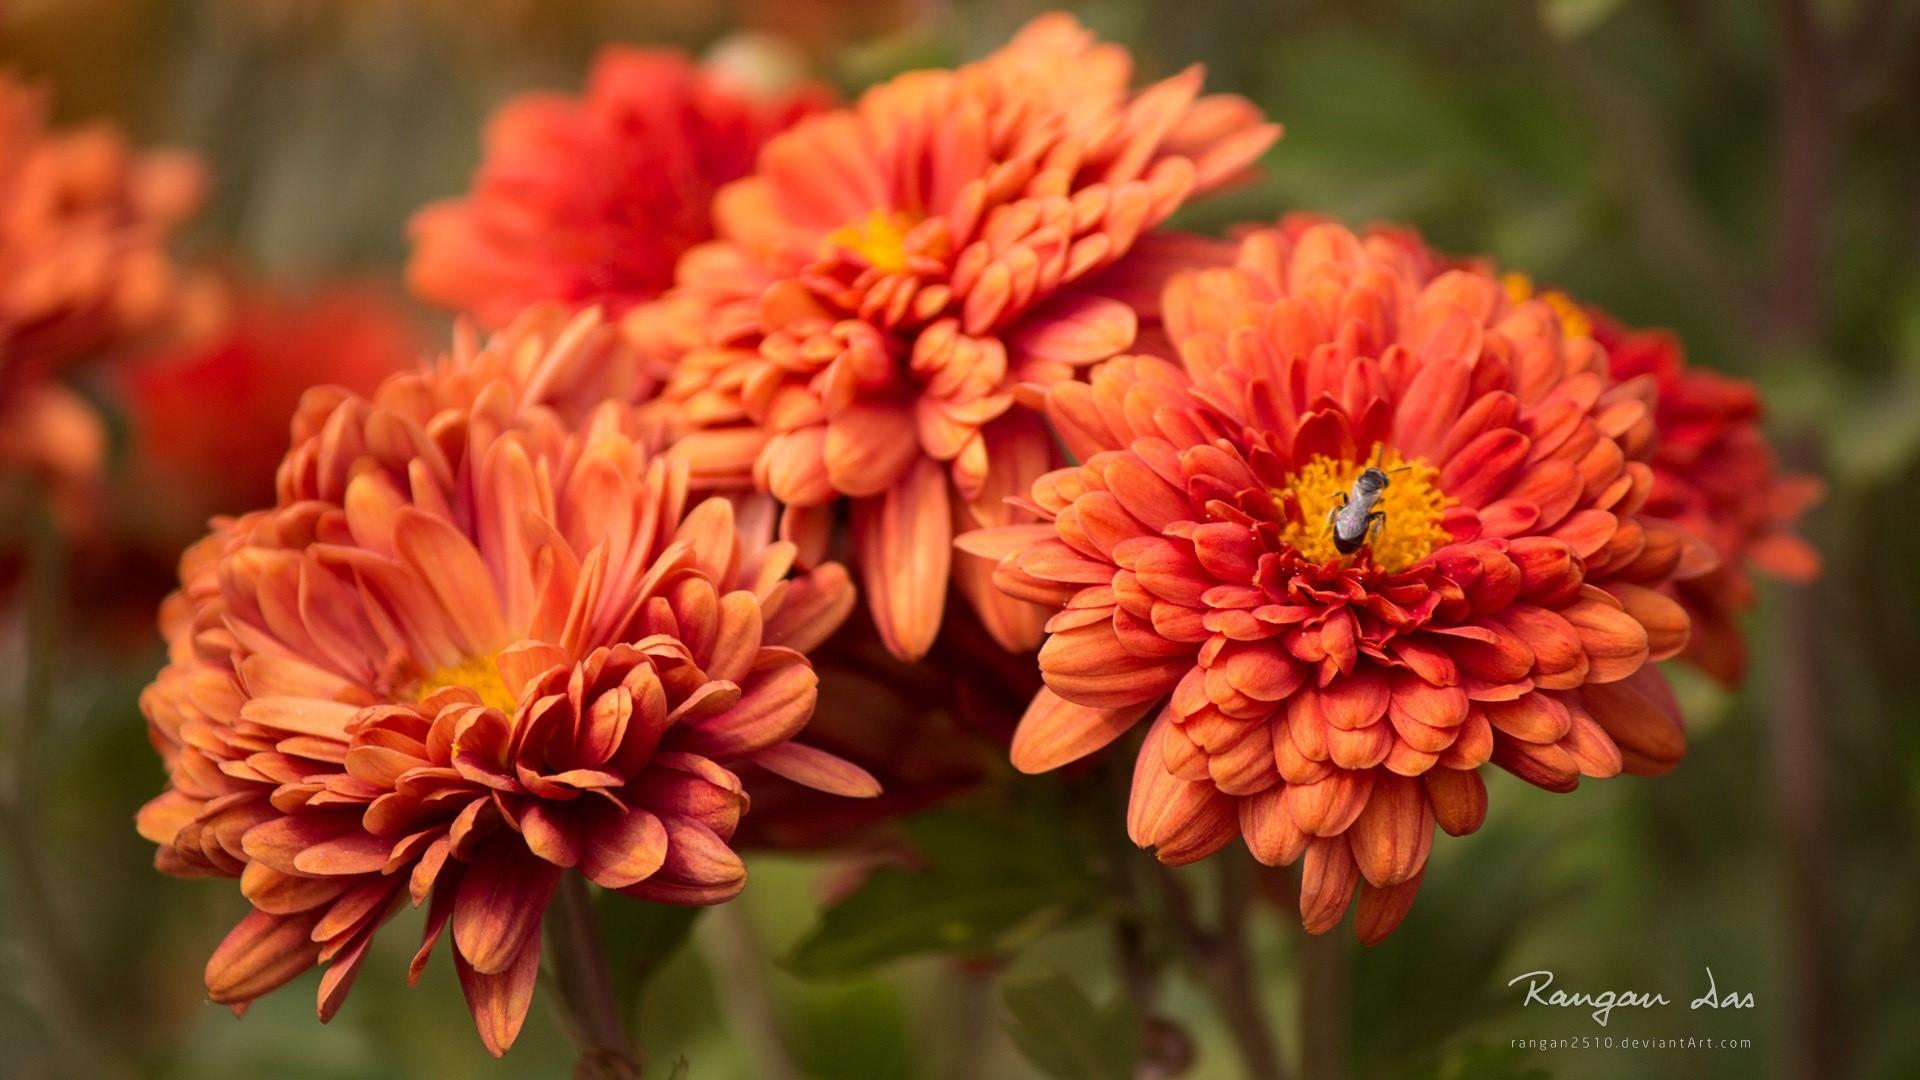 Fondos de pantalla Flor bug